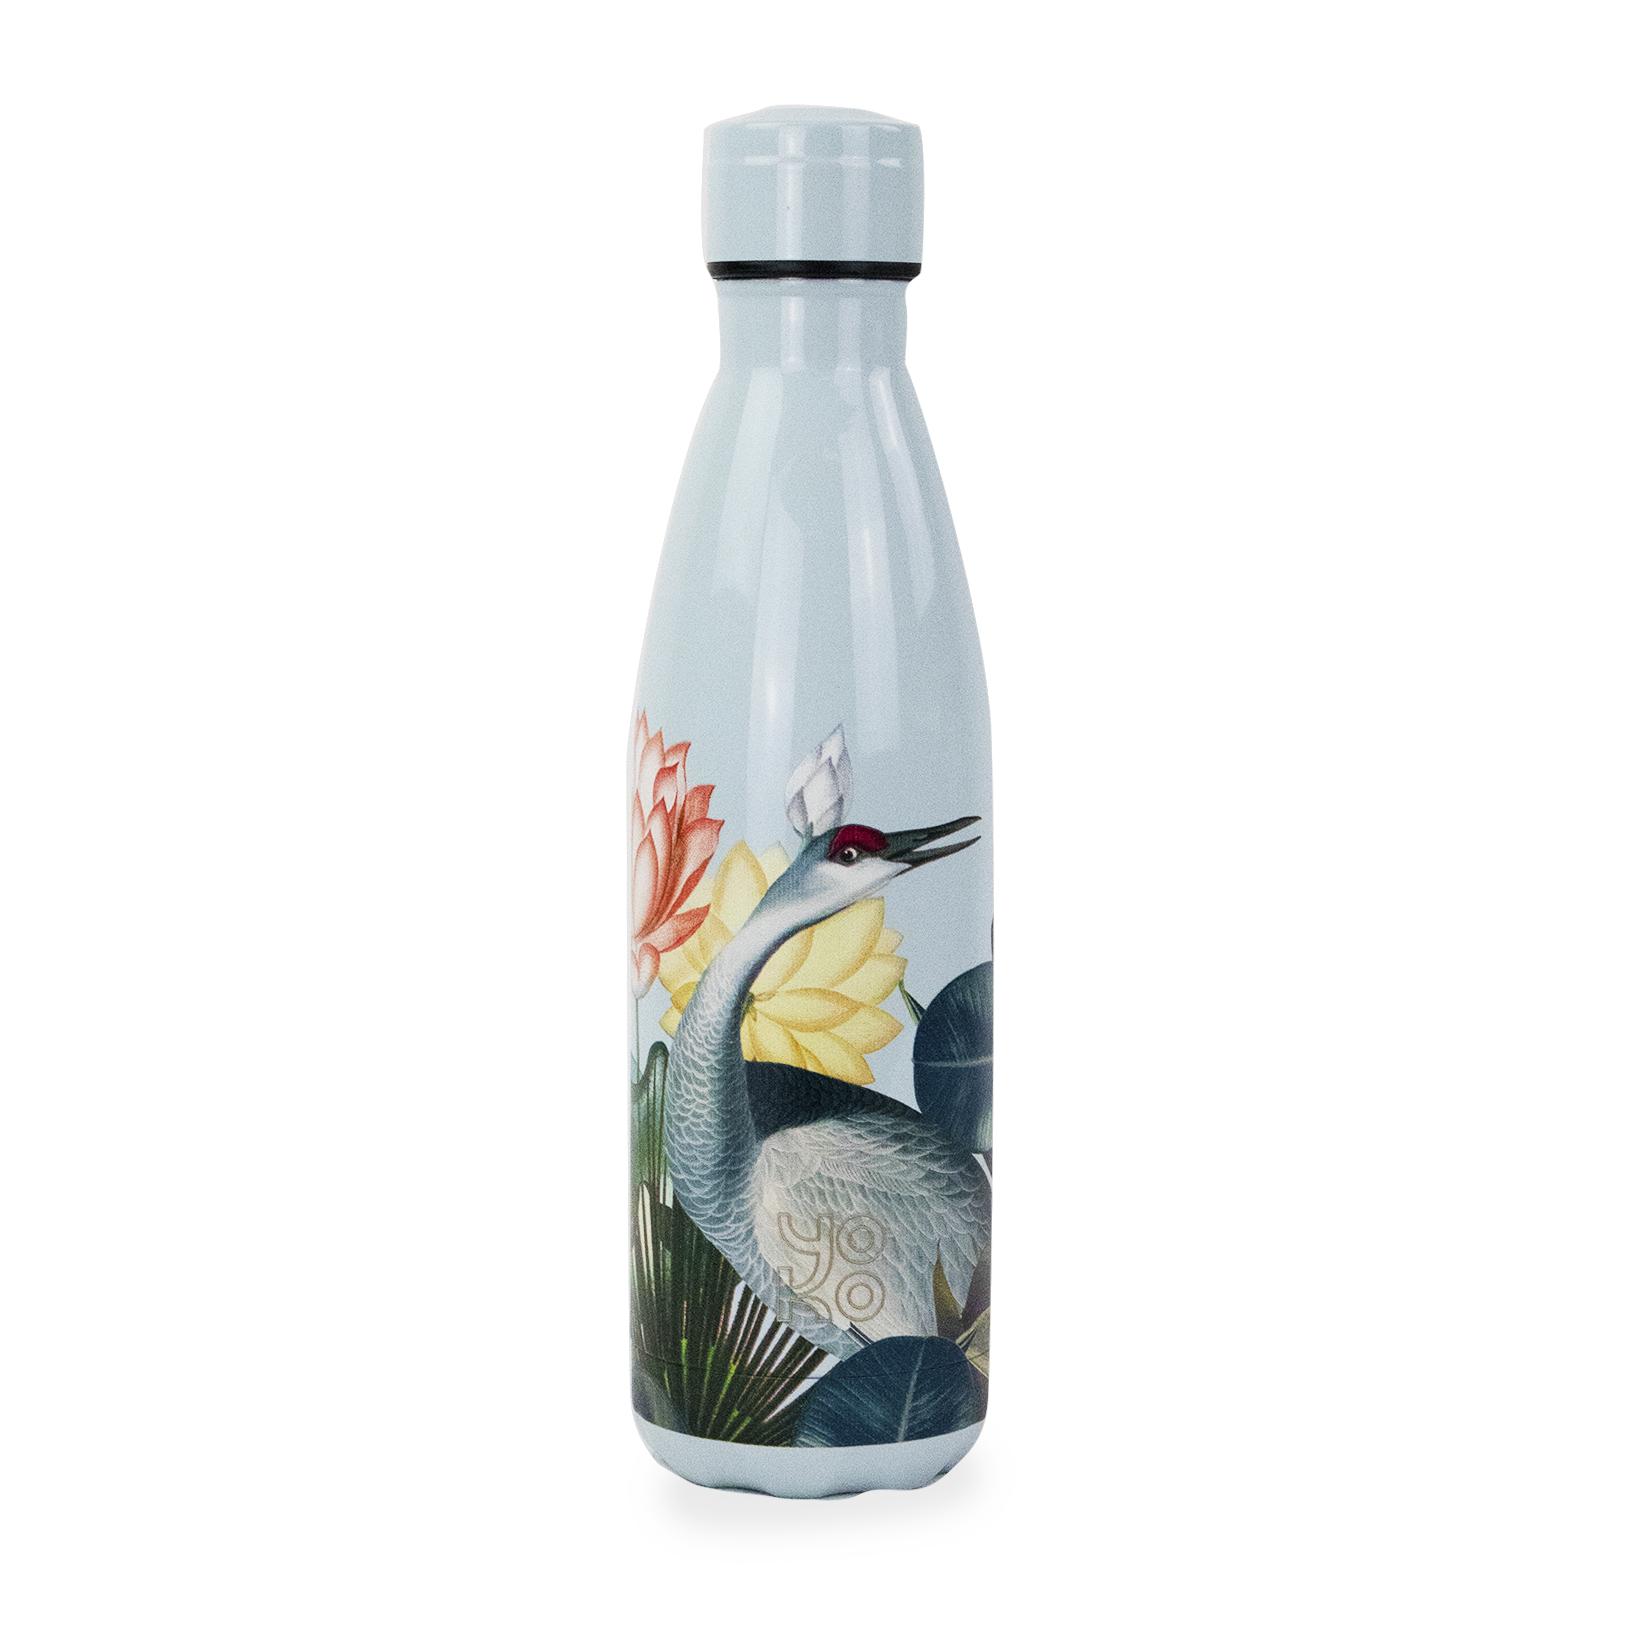 https://www.yokodesign.fr/fr/gamme-isotherme/256044-bouteille-jardin-botanique-parrot.html